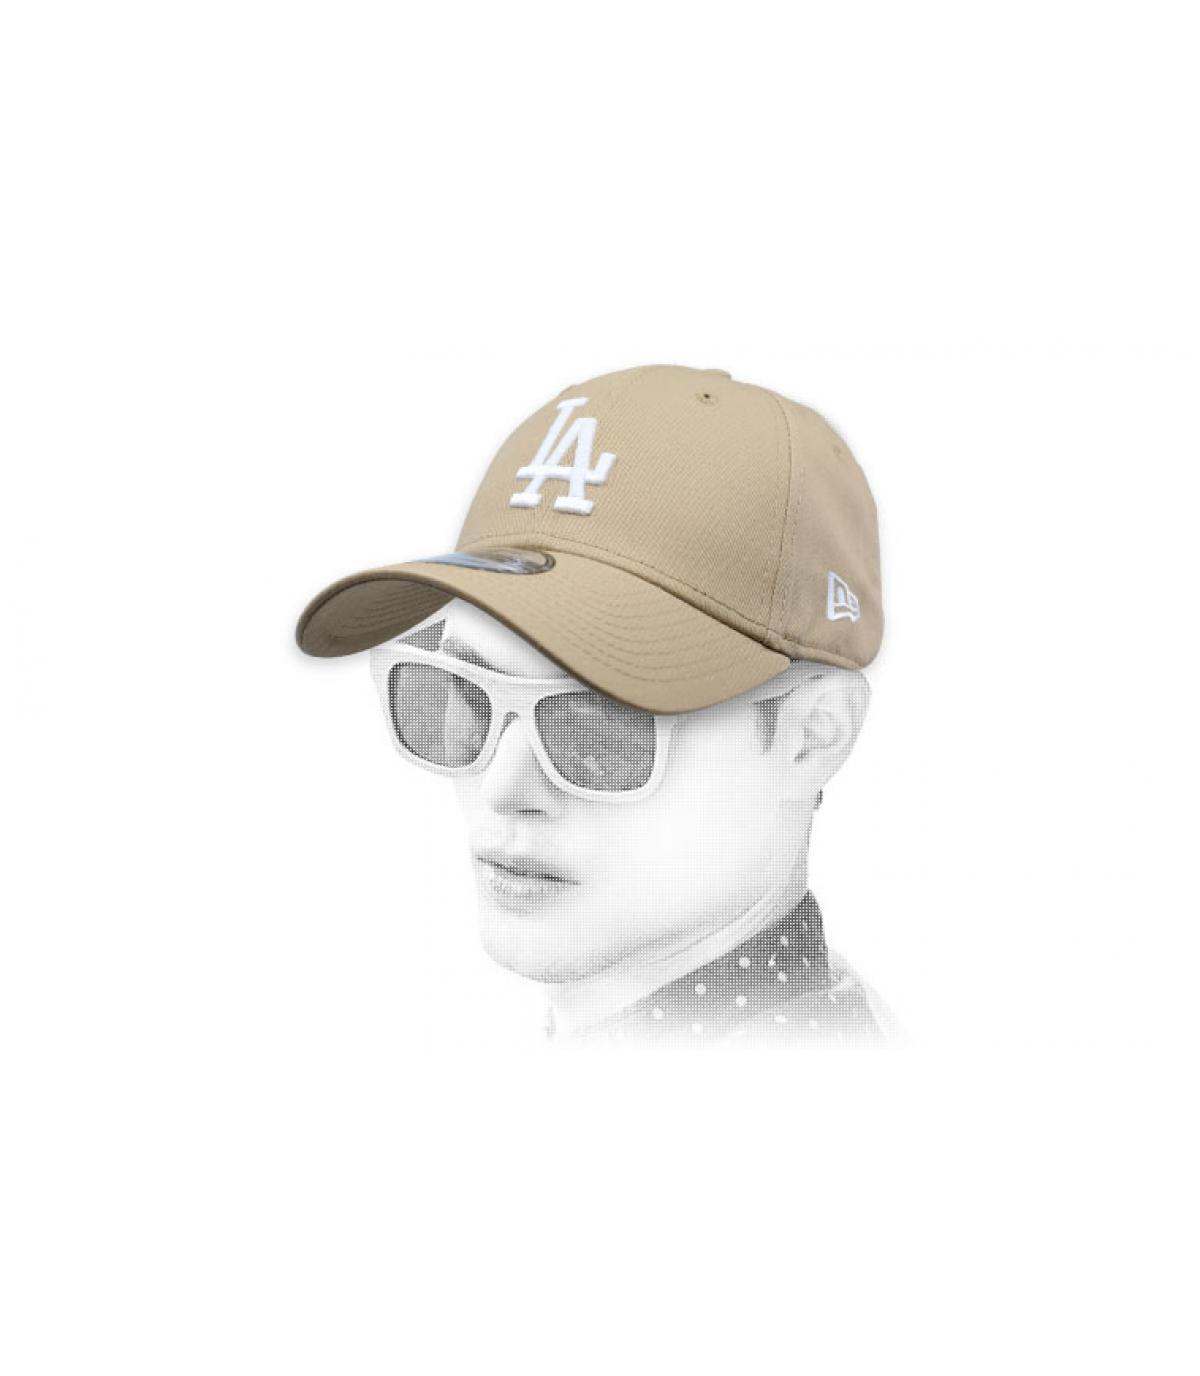 LA berretto beige